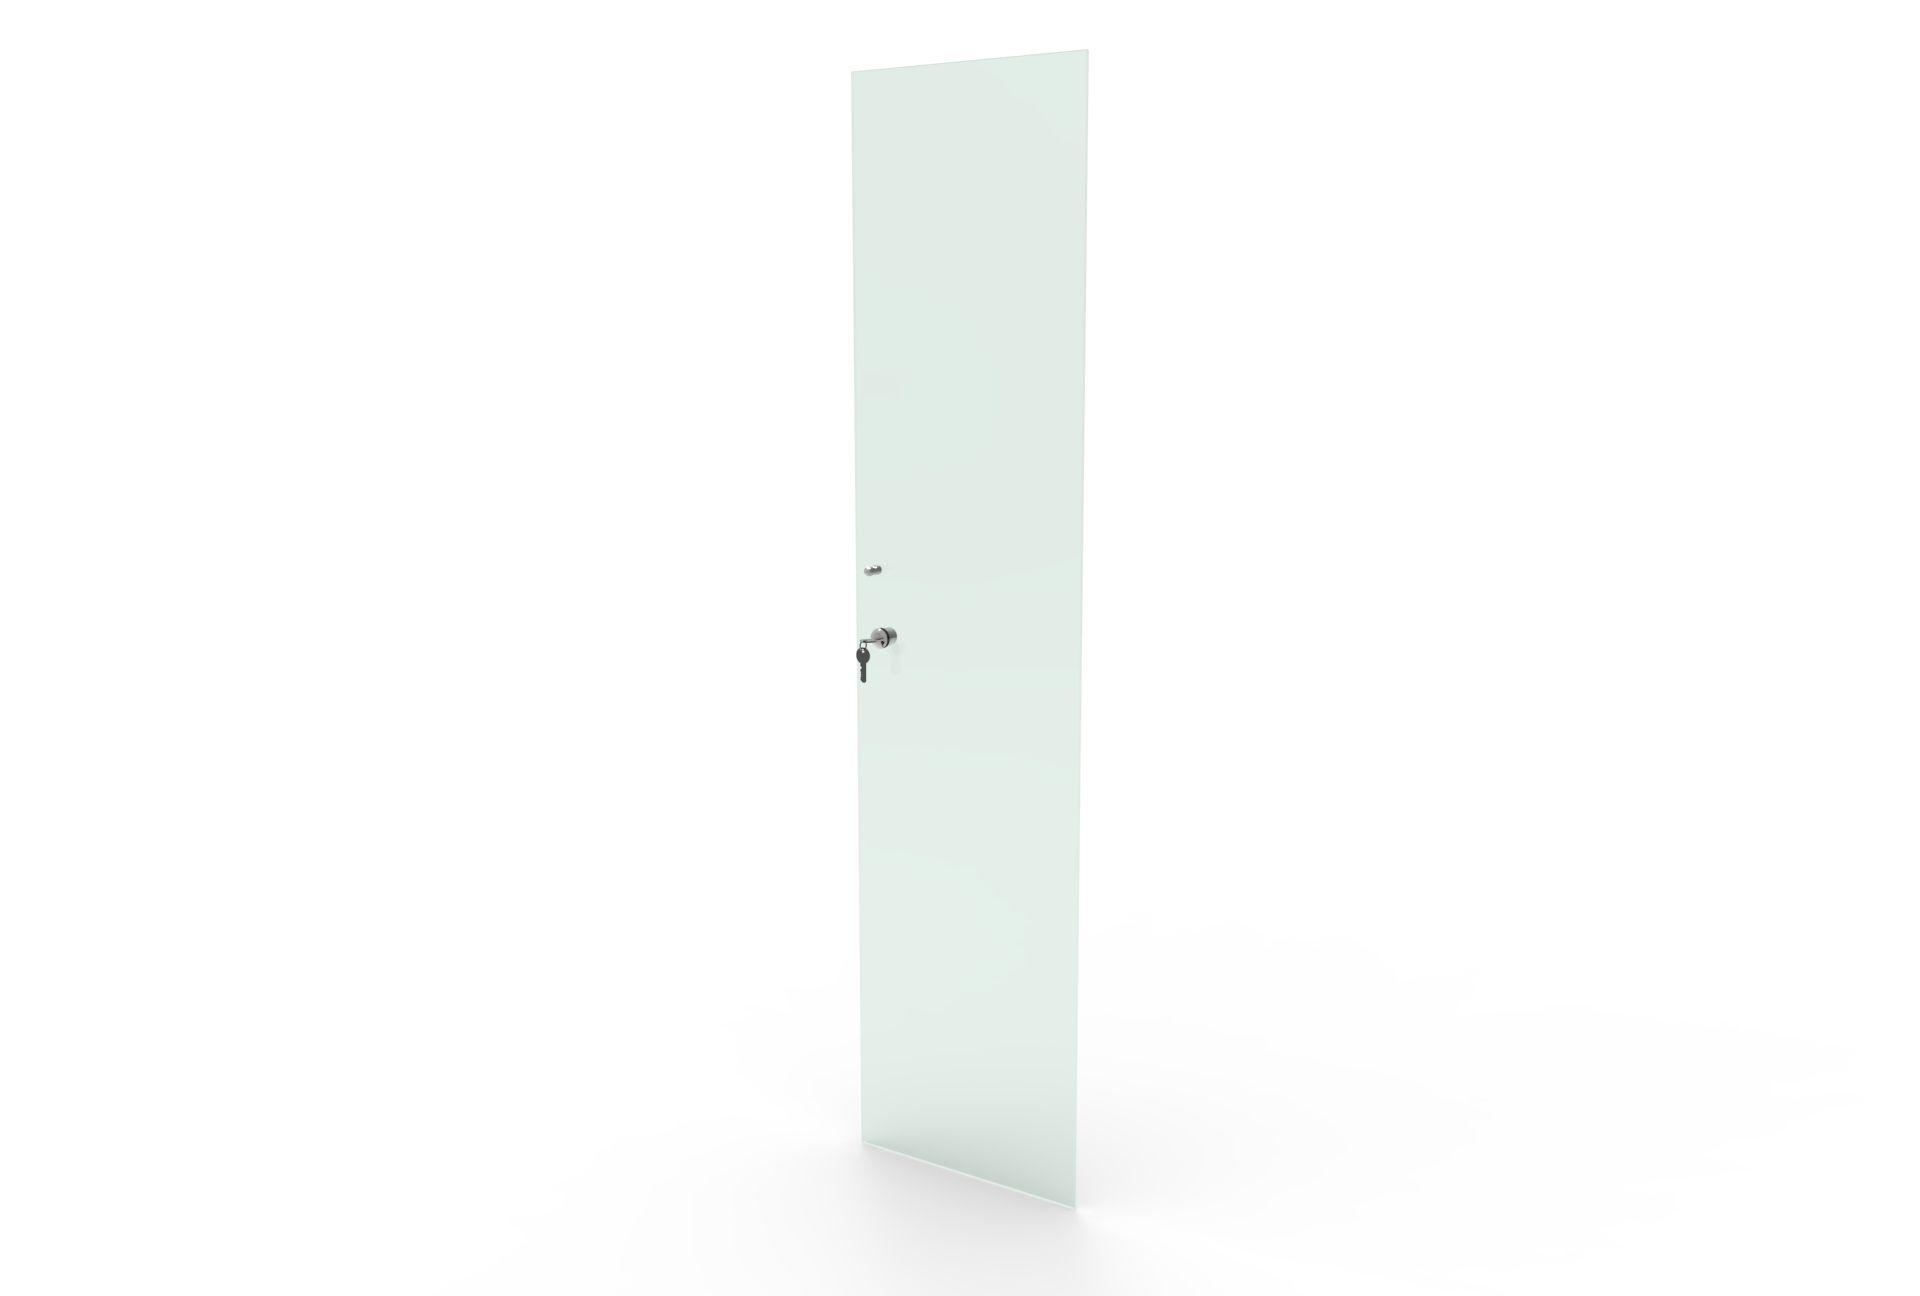 Porta Vidro Incolor com Chave para Estante com 1,83 m altura